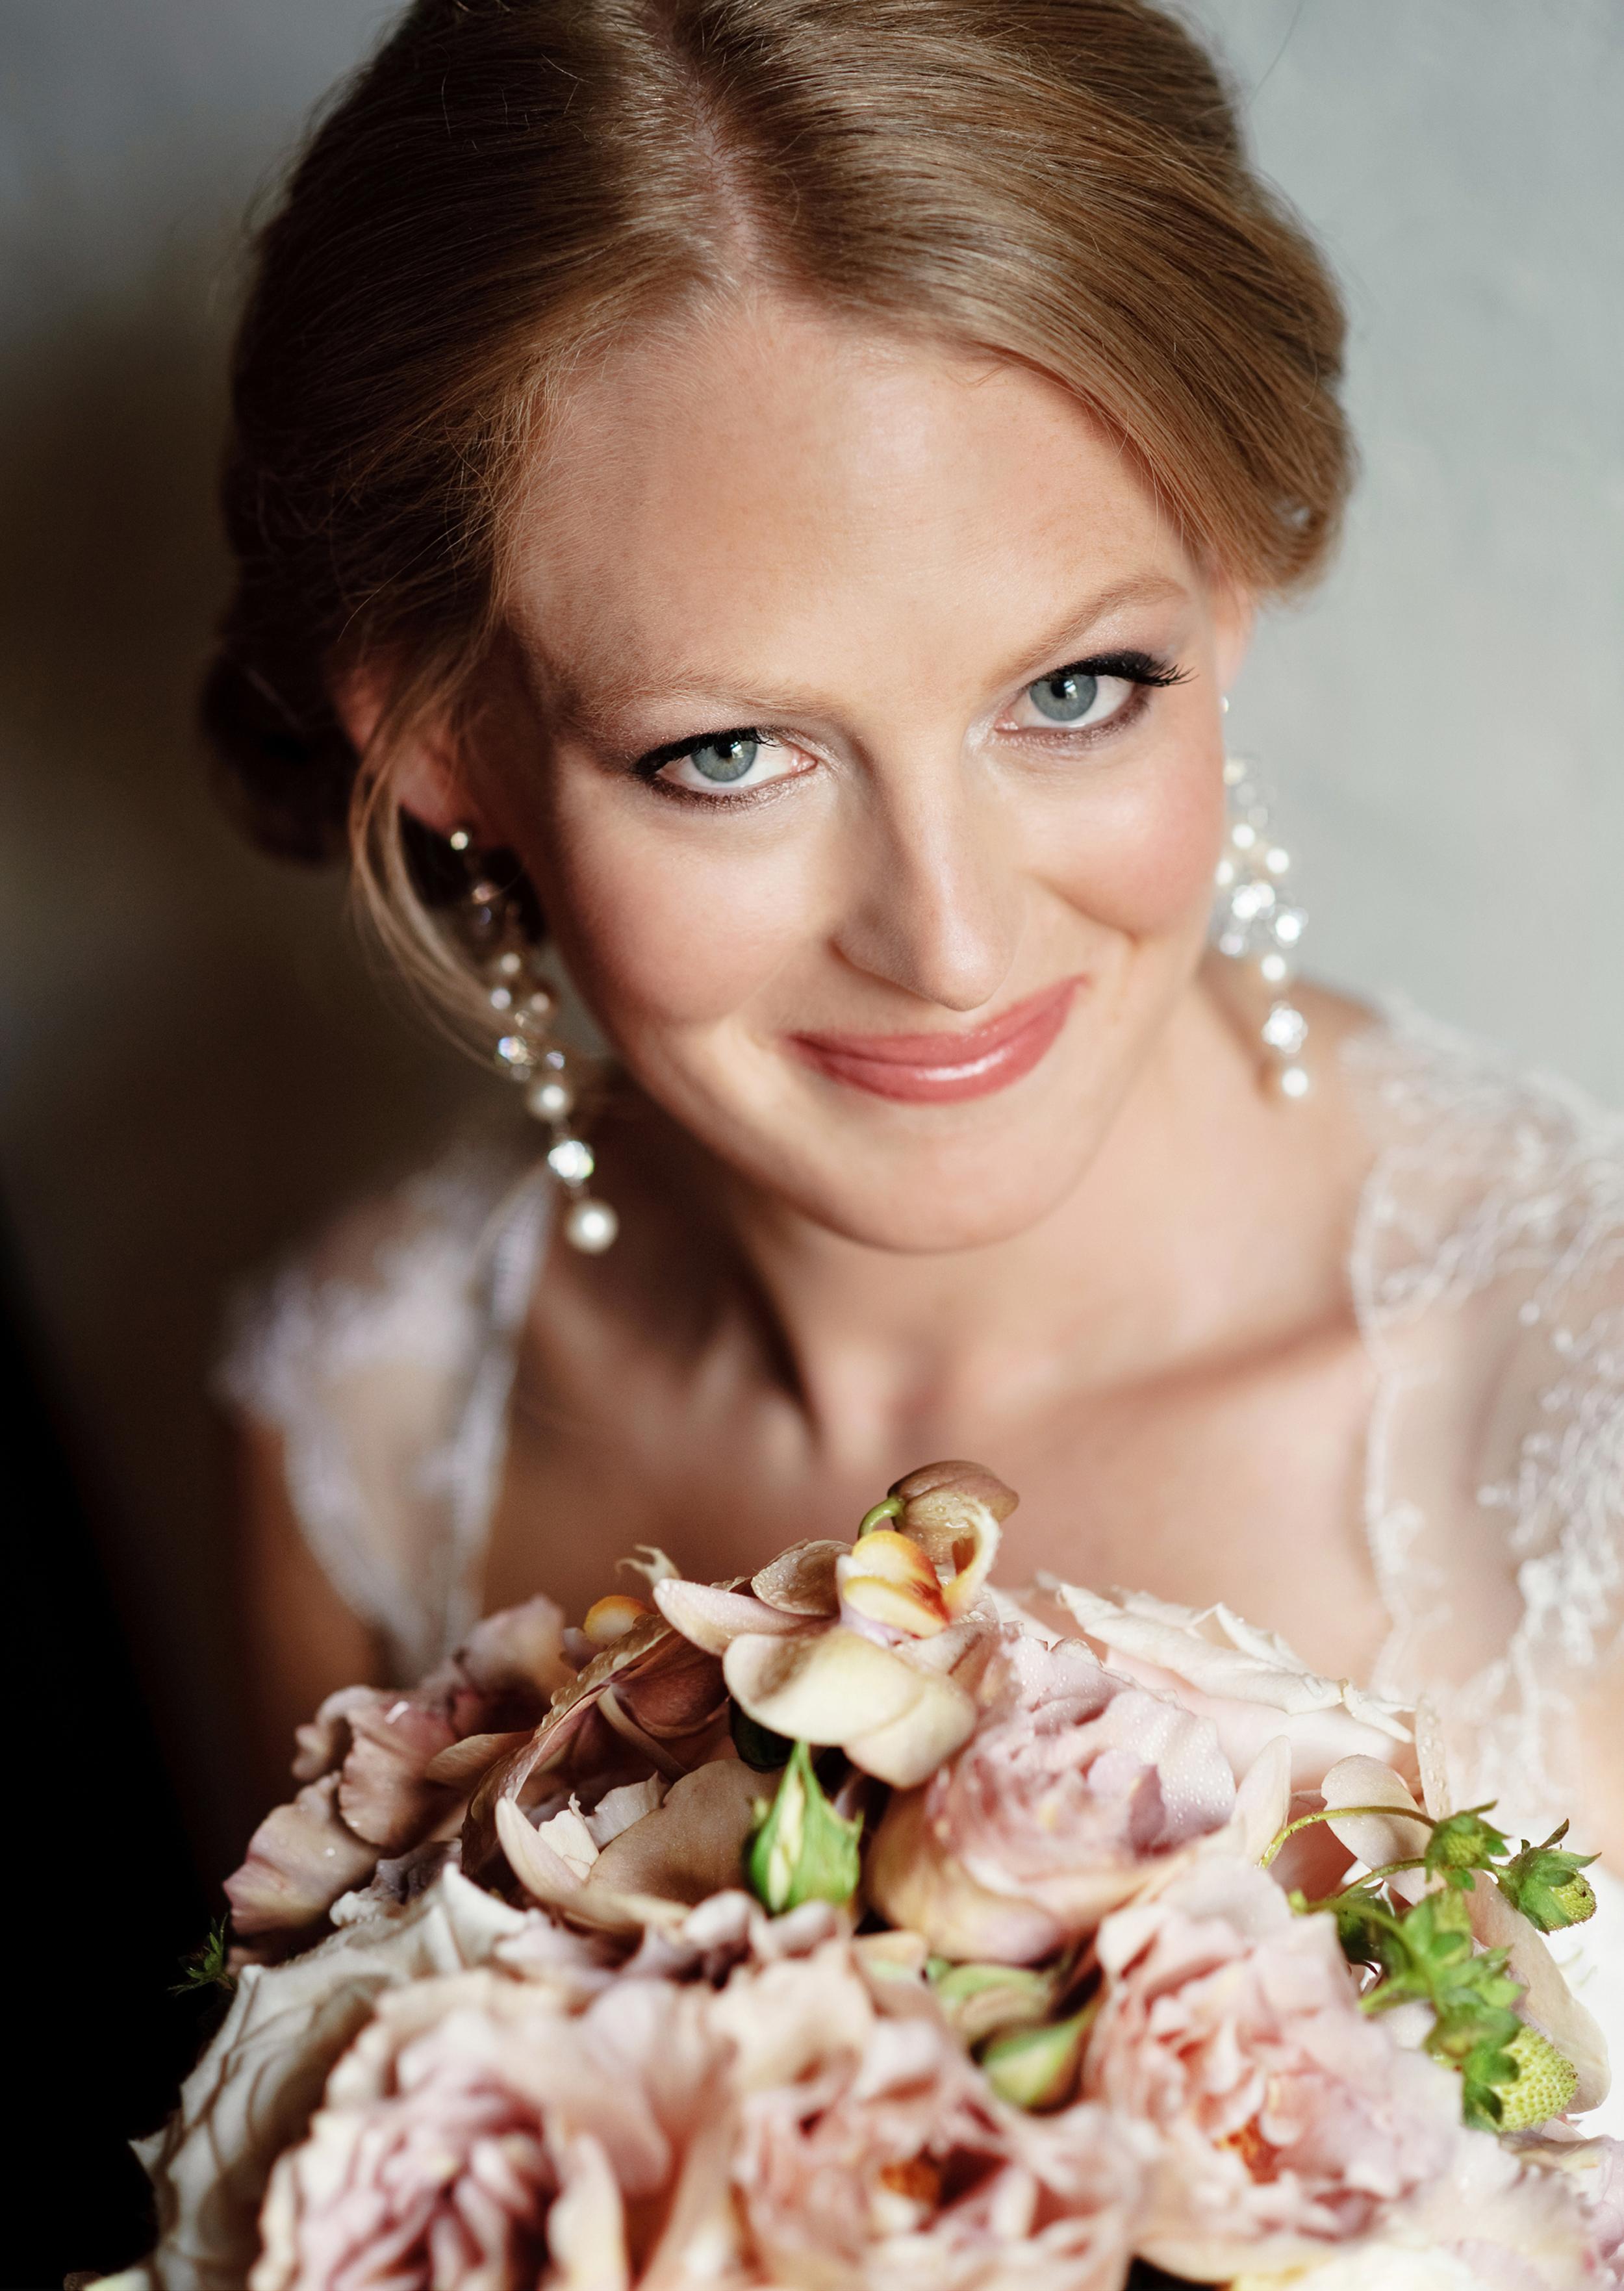 euroa_butter_factory_wedding_photography_53.jpg